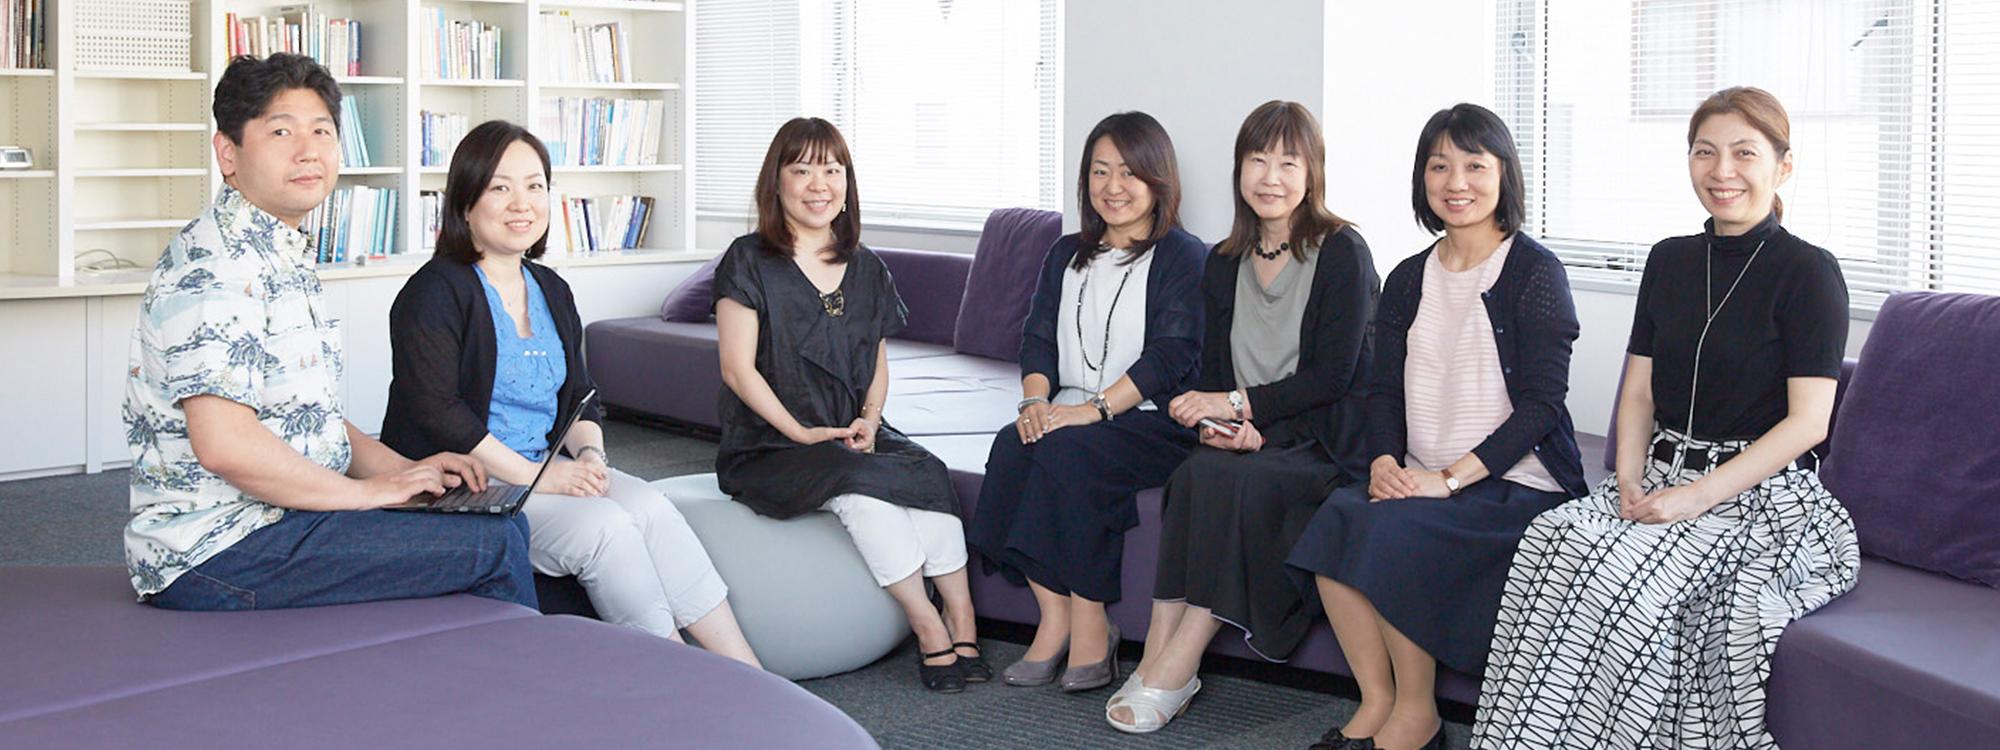 Tokyo Staff